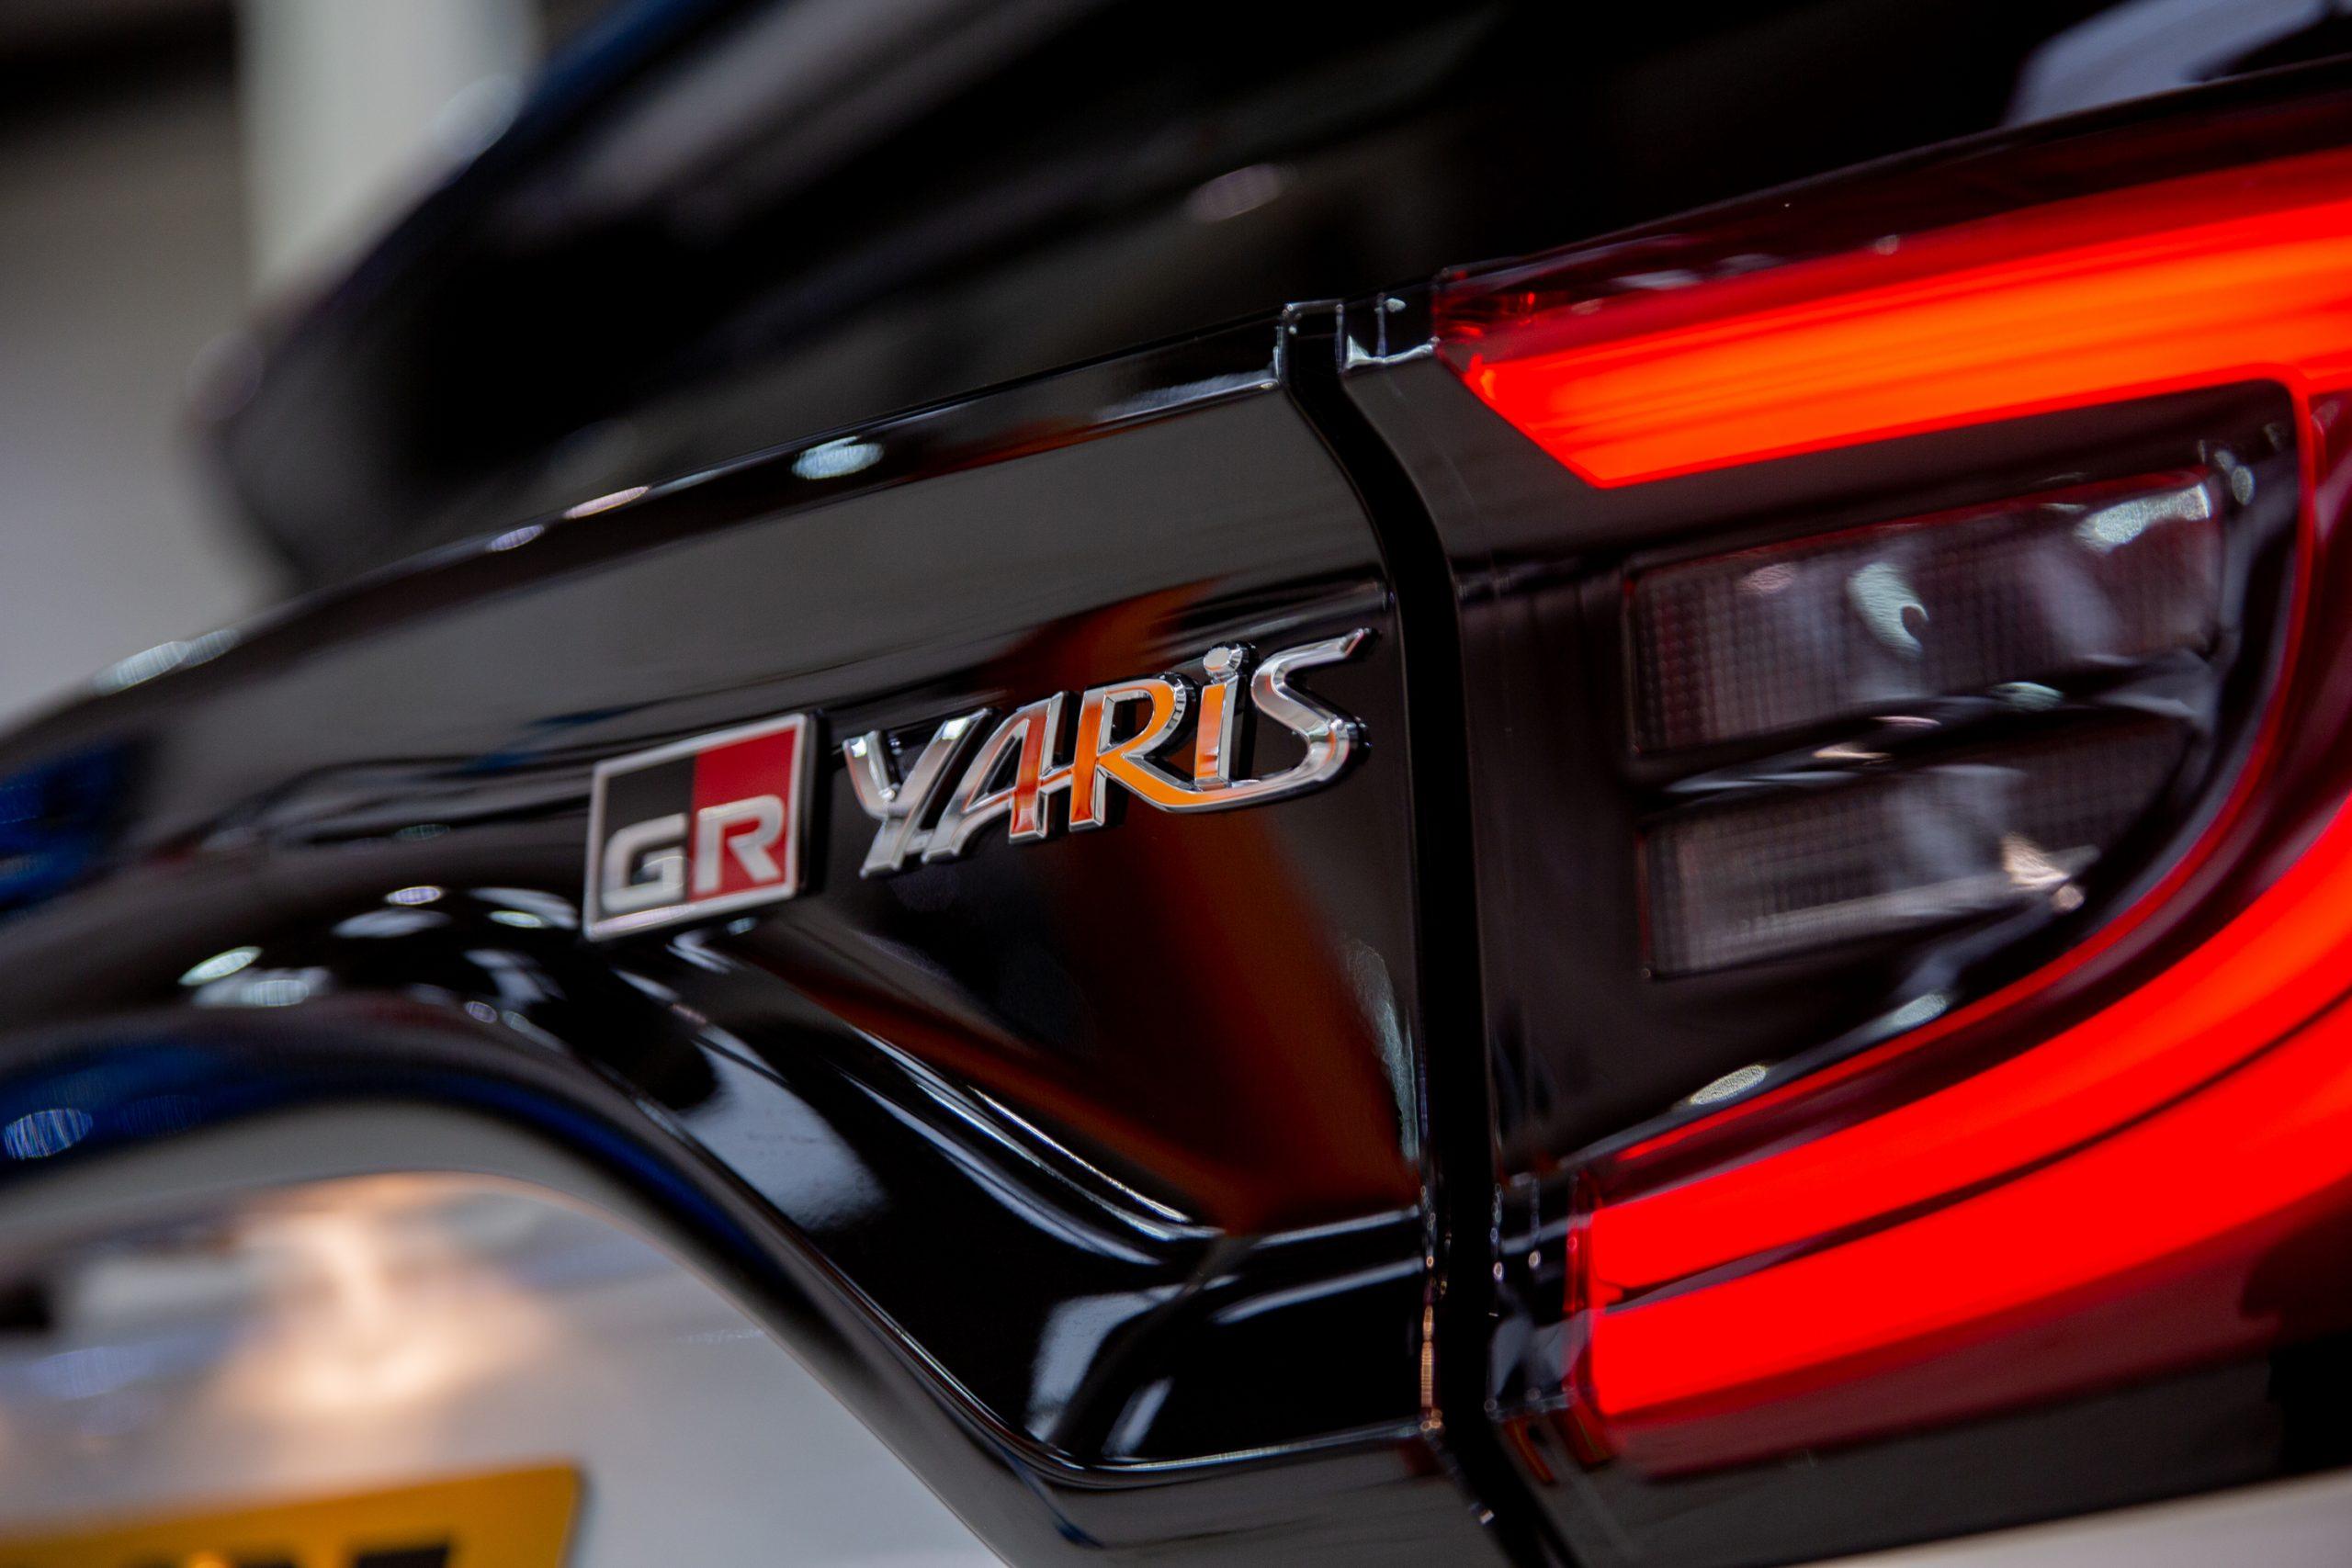 GR Toyota Yaris badging